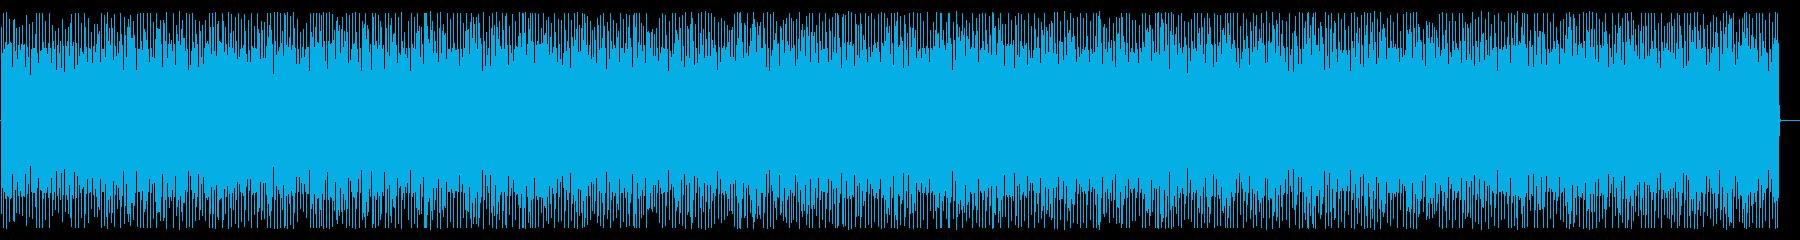 ポップで力の抜けたおちゃらけ曲の再生済みの波形